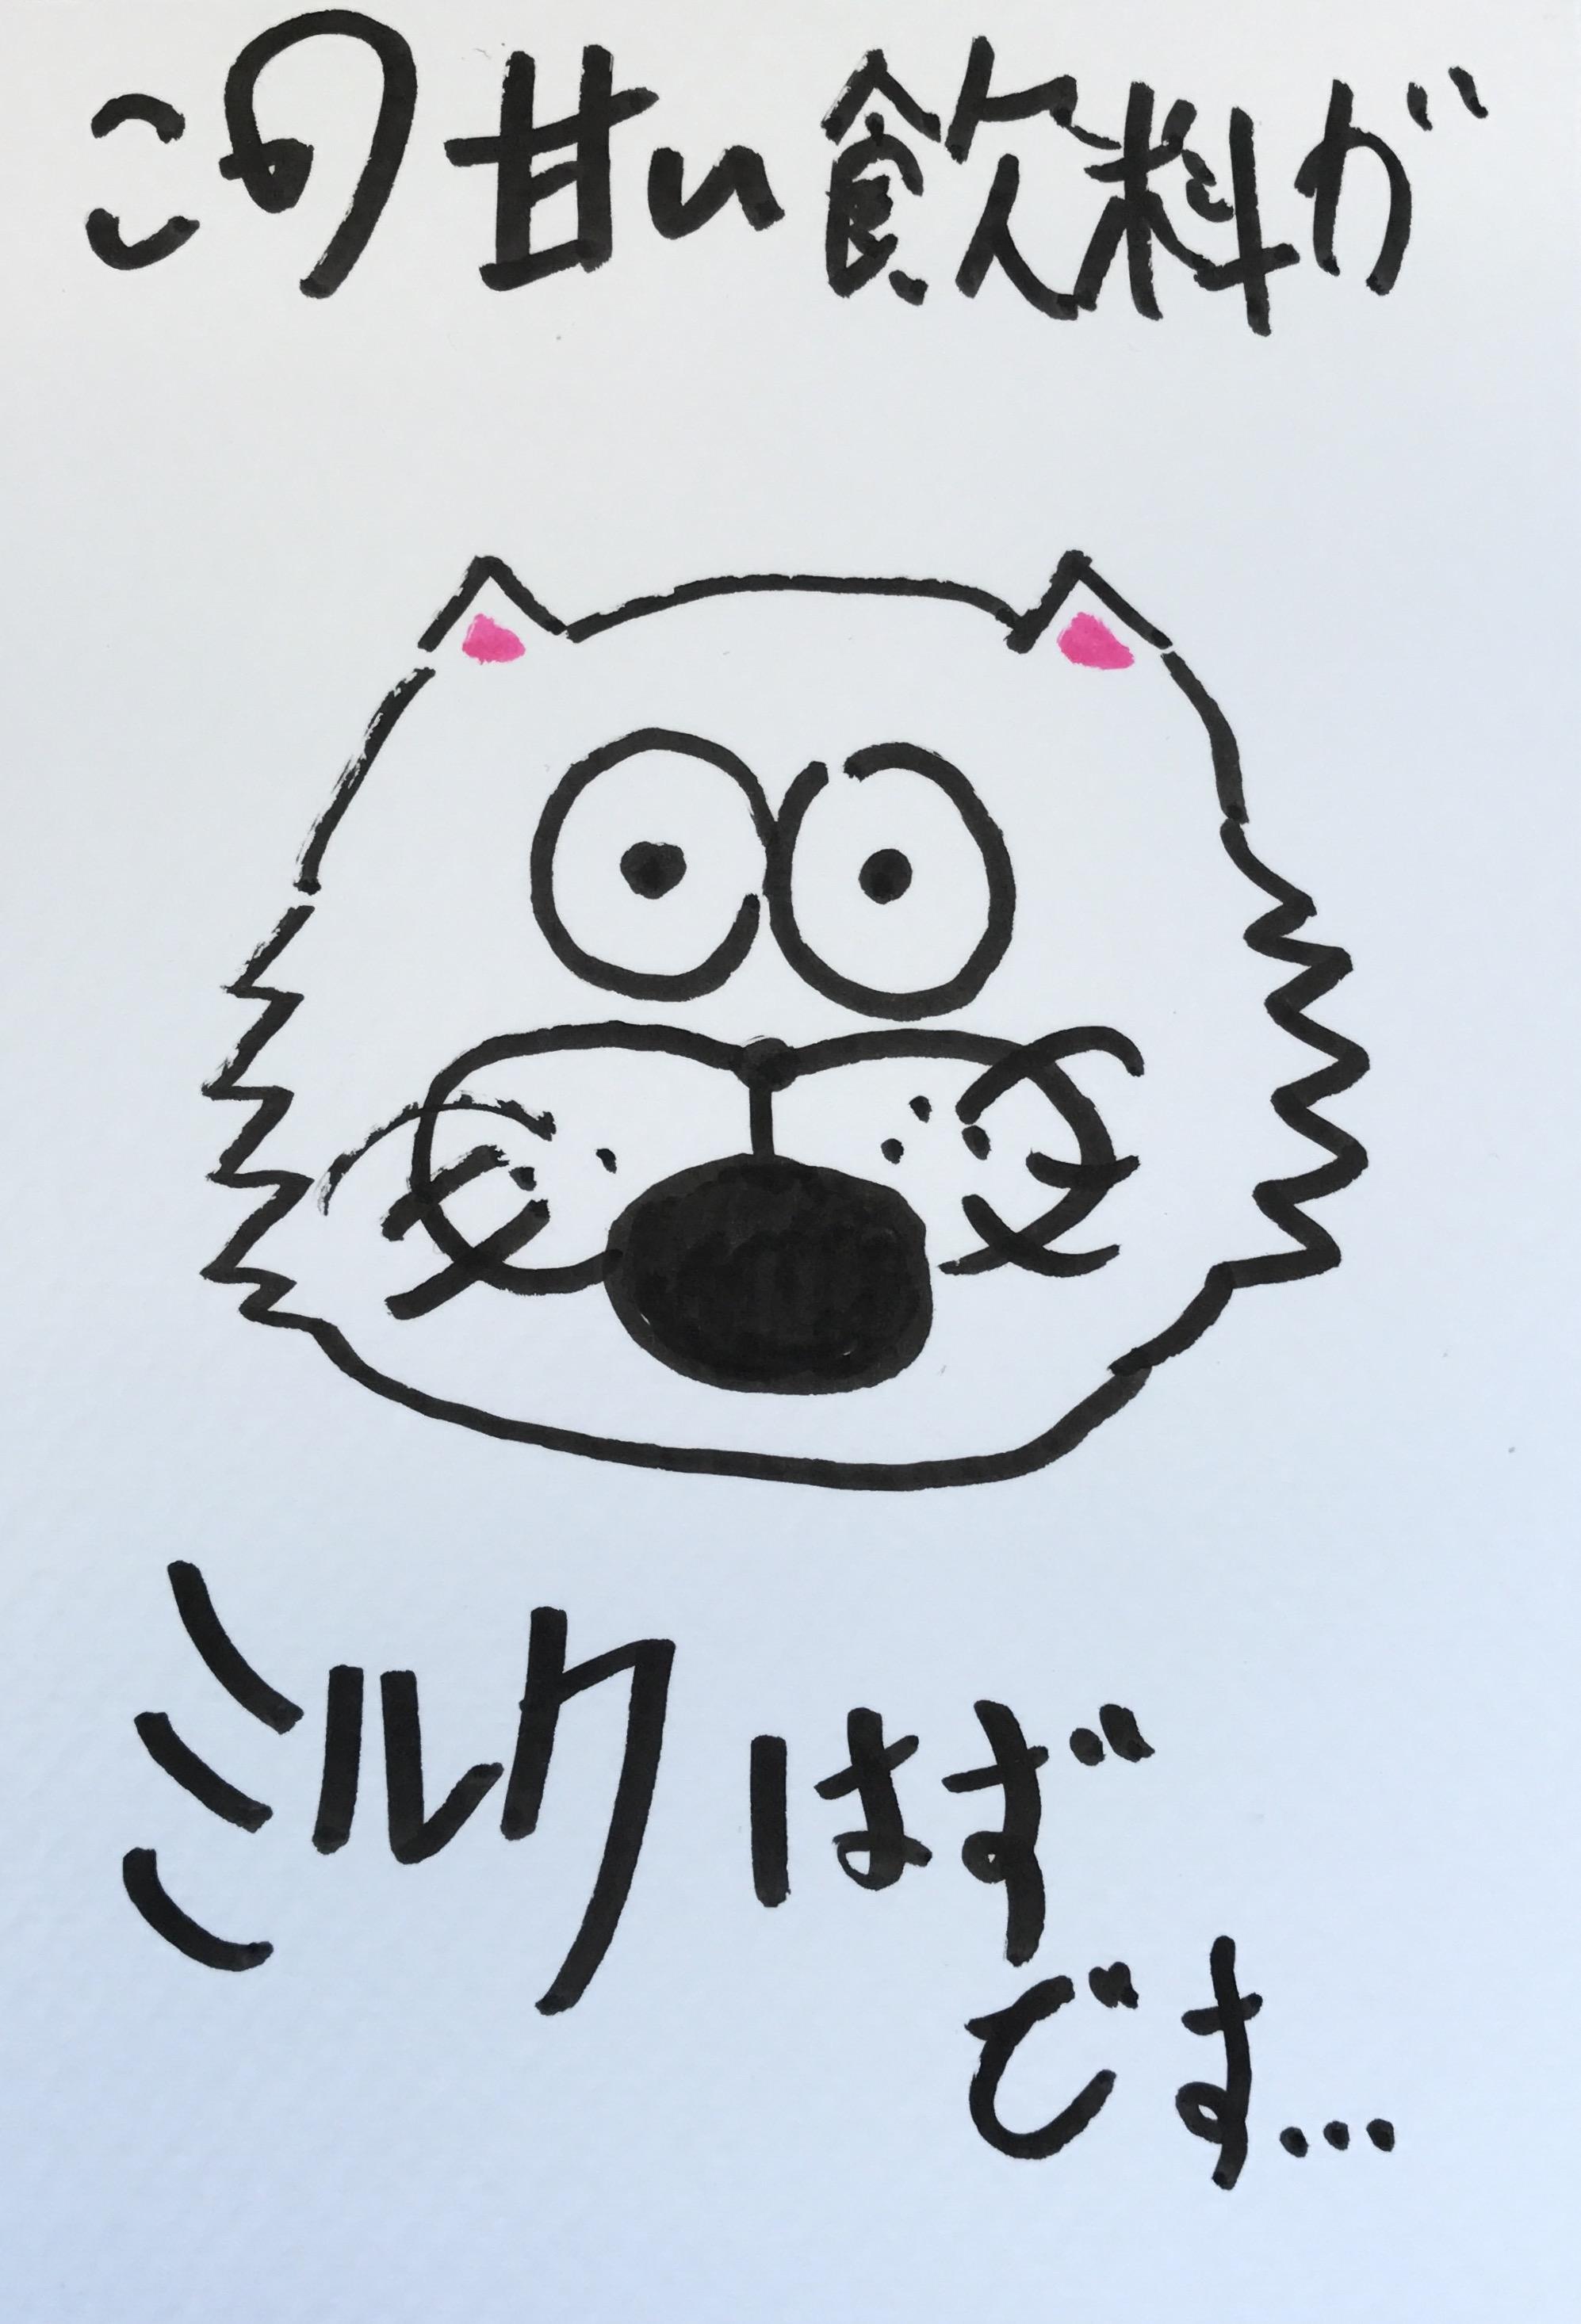 この飲み物がミルクはずです 日本語 書道 かわいい ぺん kawaii draw ink calligraphy art cartoon